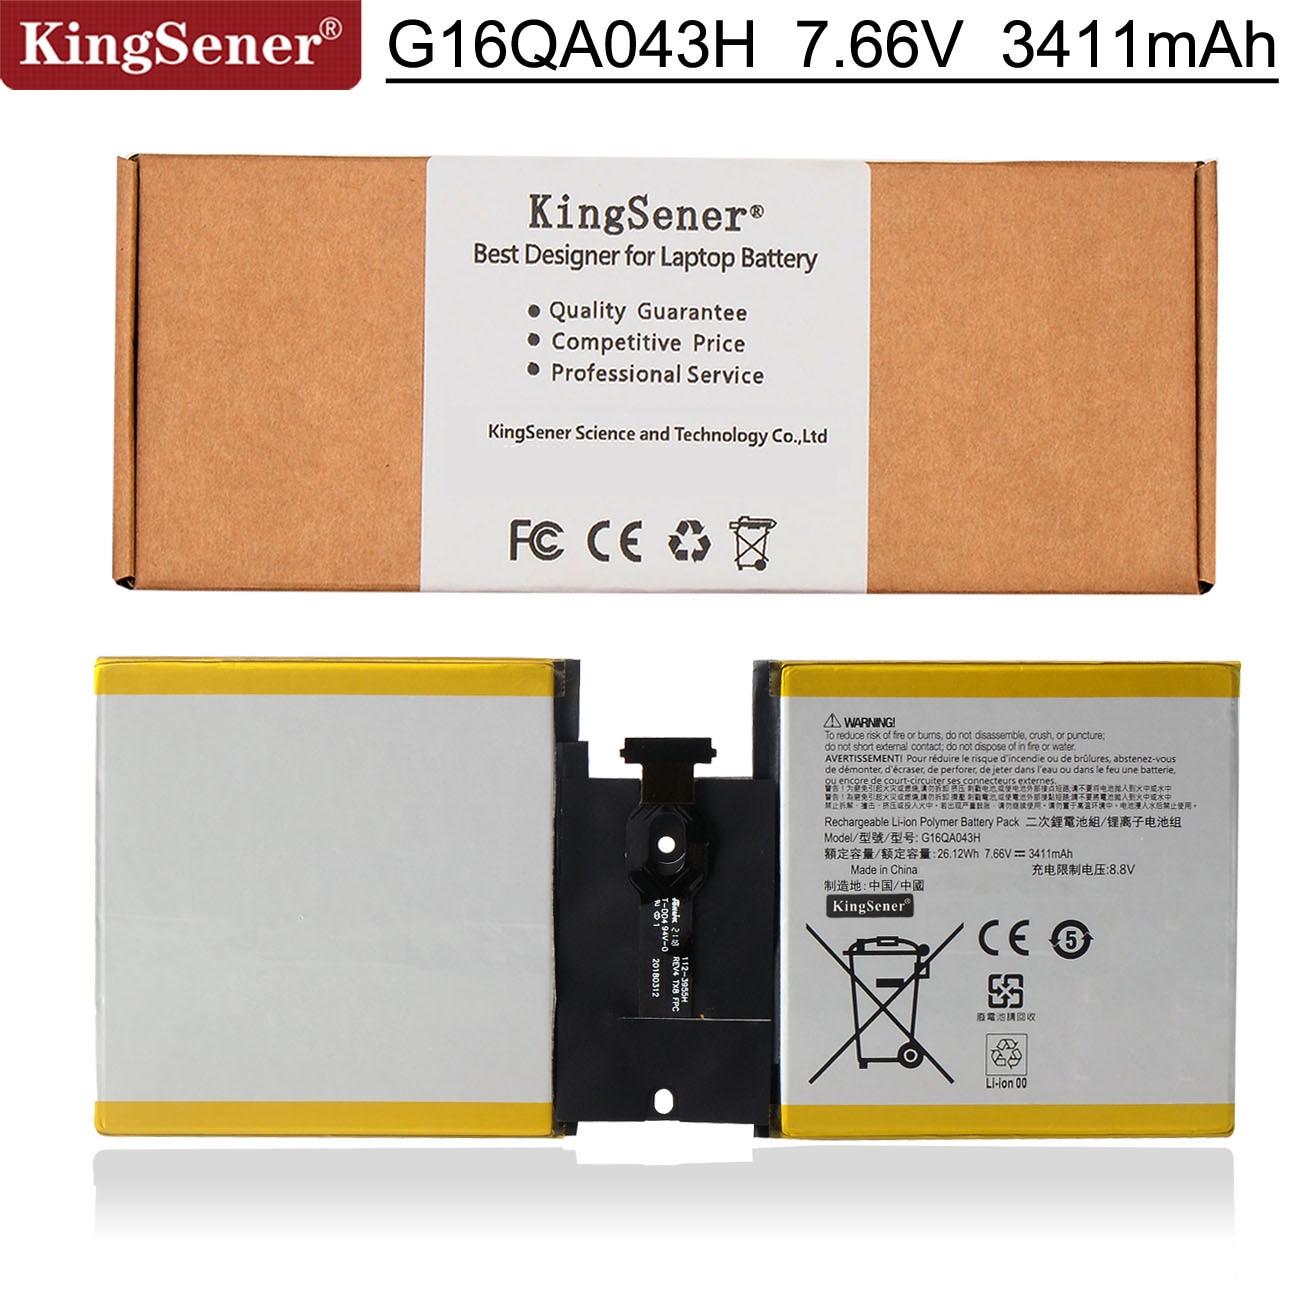 KingSener G16QA043H Laptop Battery For Microsoft Surface Go 1824 4415Y Tablet PC 2ICP4/76/76 7.66V 26.12Wh